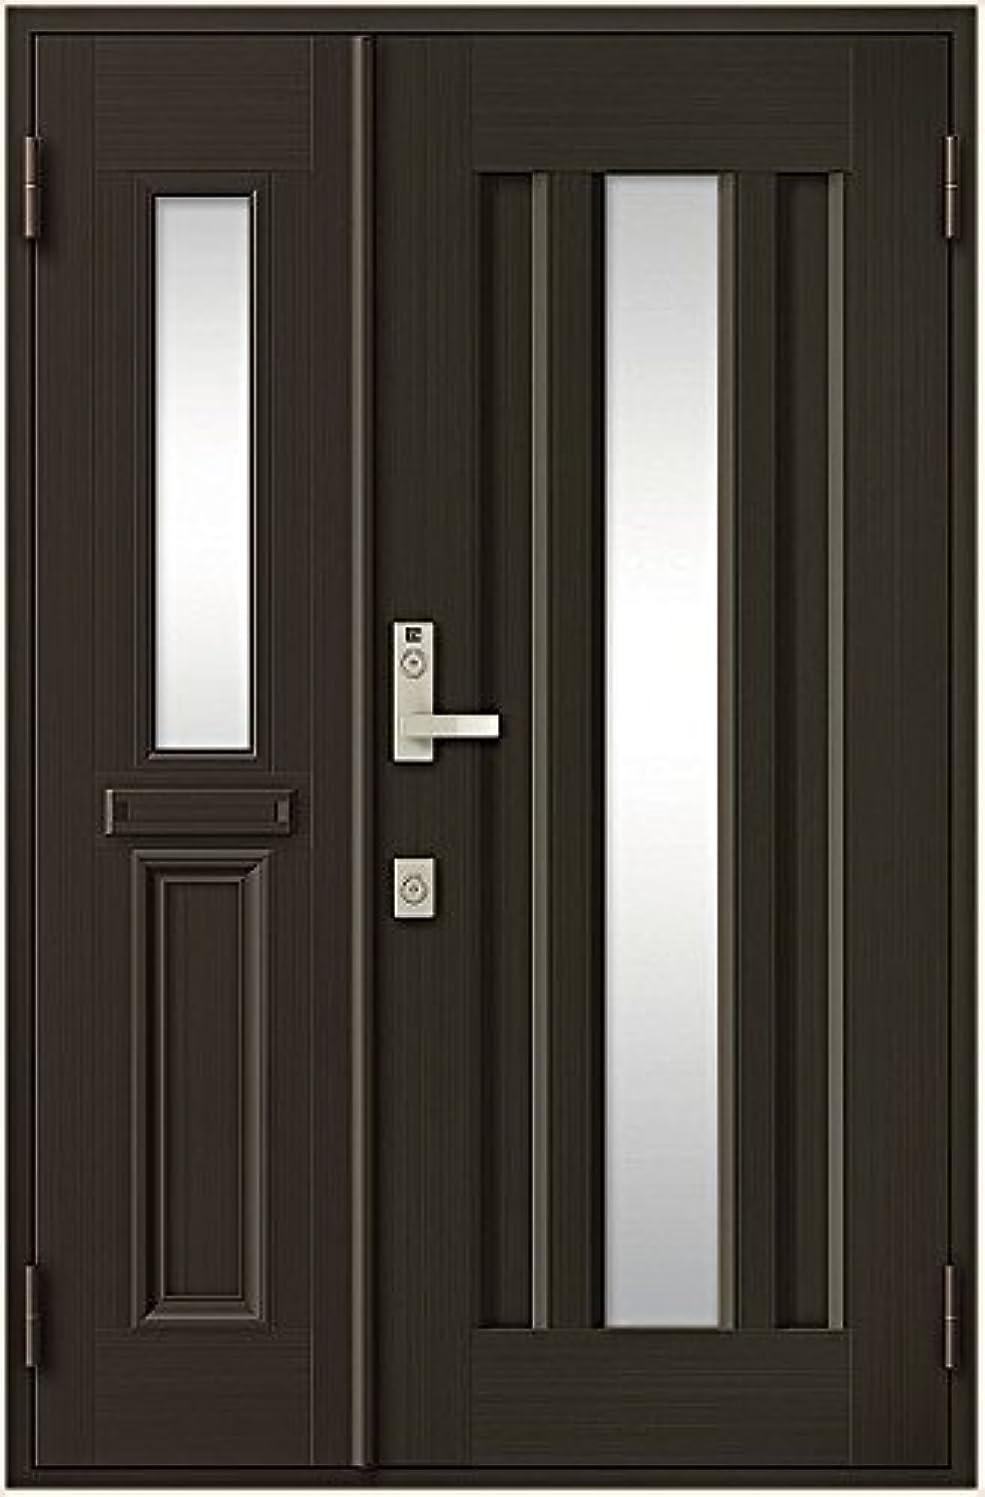 弱めるのみ効果的に玄関ドア リクシル クリエラR ランマなし 親子ドア 16型 ポスト付き(01P型) 半外付型 幅1240mm×高1917mm 本体色:オータムブラウン(G) 勝手:右勝手 バーハンドル(ゴールド) LIXIL リクシル TOSTEM トステム